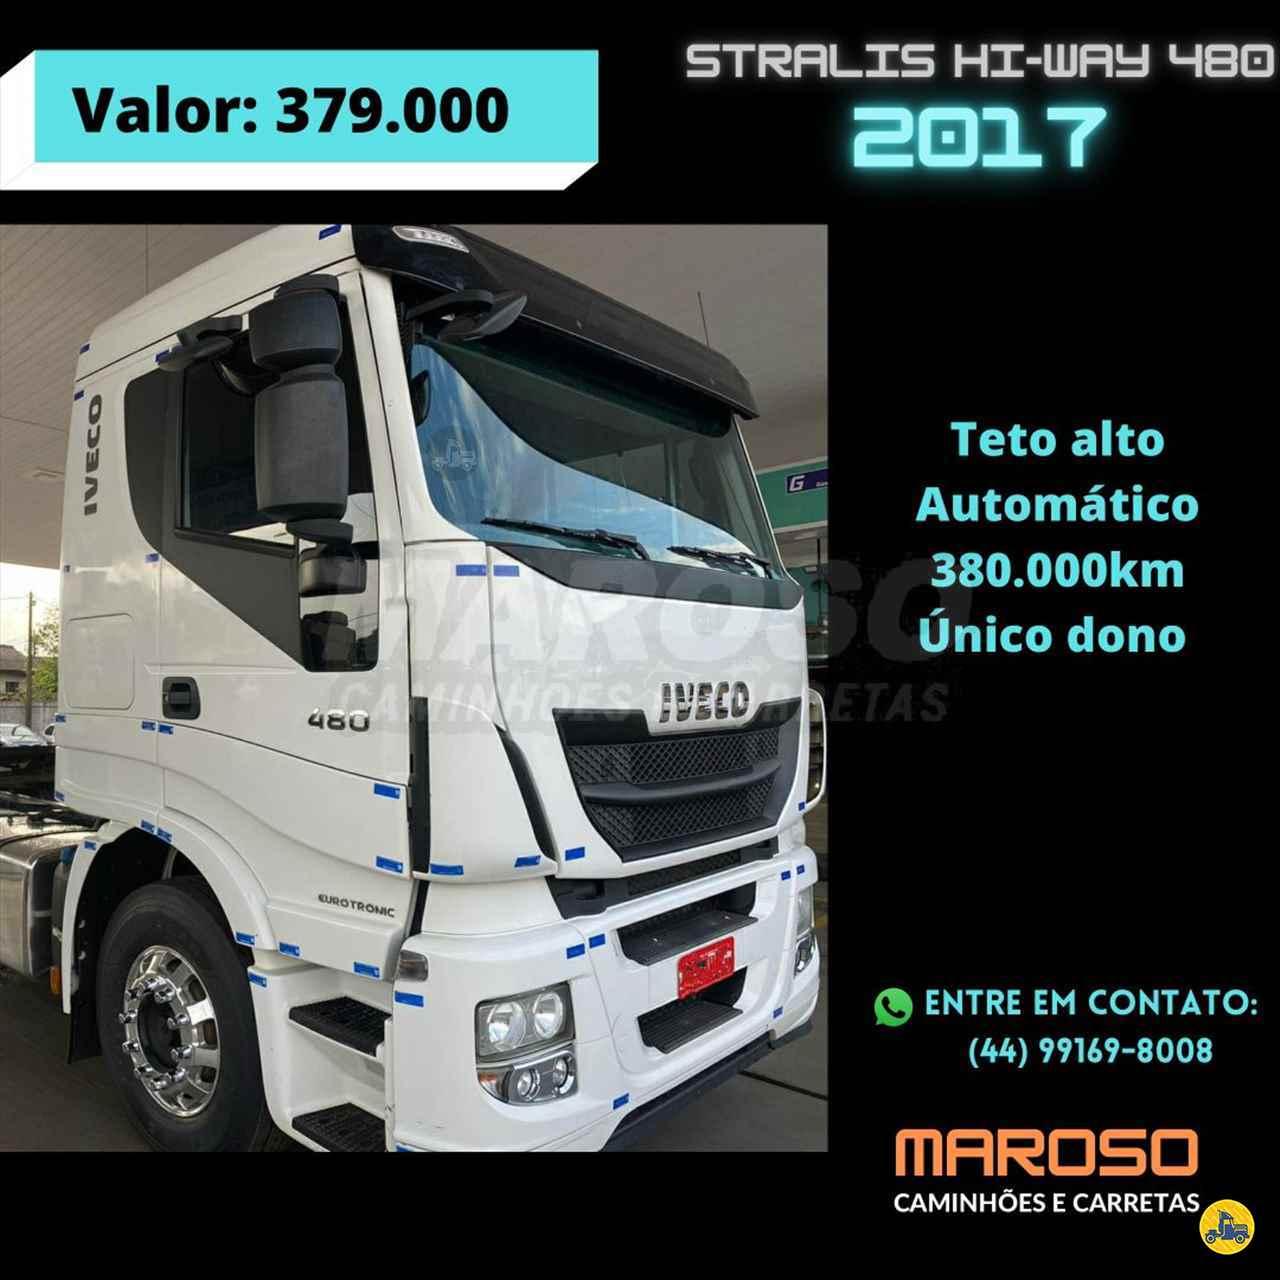 CAMINHAO IVECO STRALIS 480 Chassis Truck 6x2 Maroso Caminhões PALOTINA PARANÁ PR